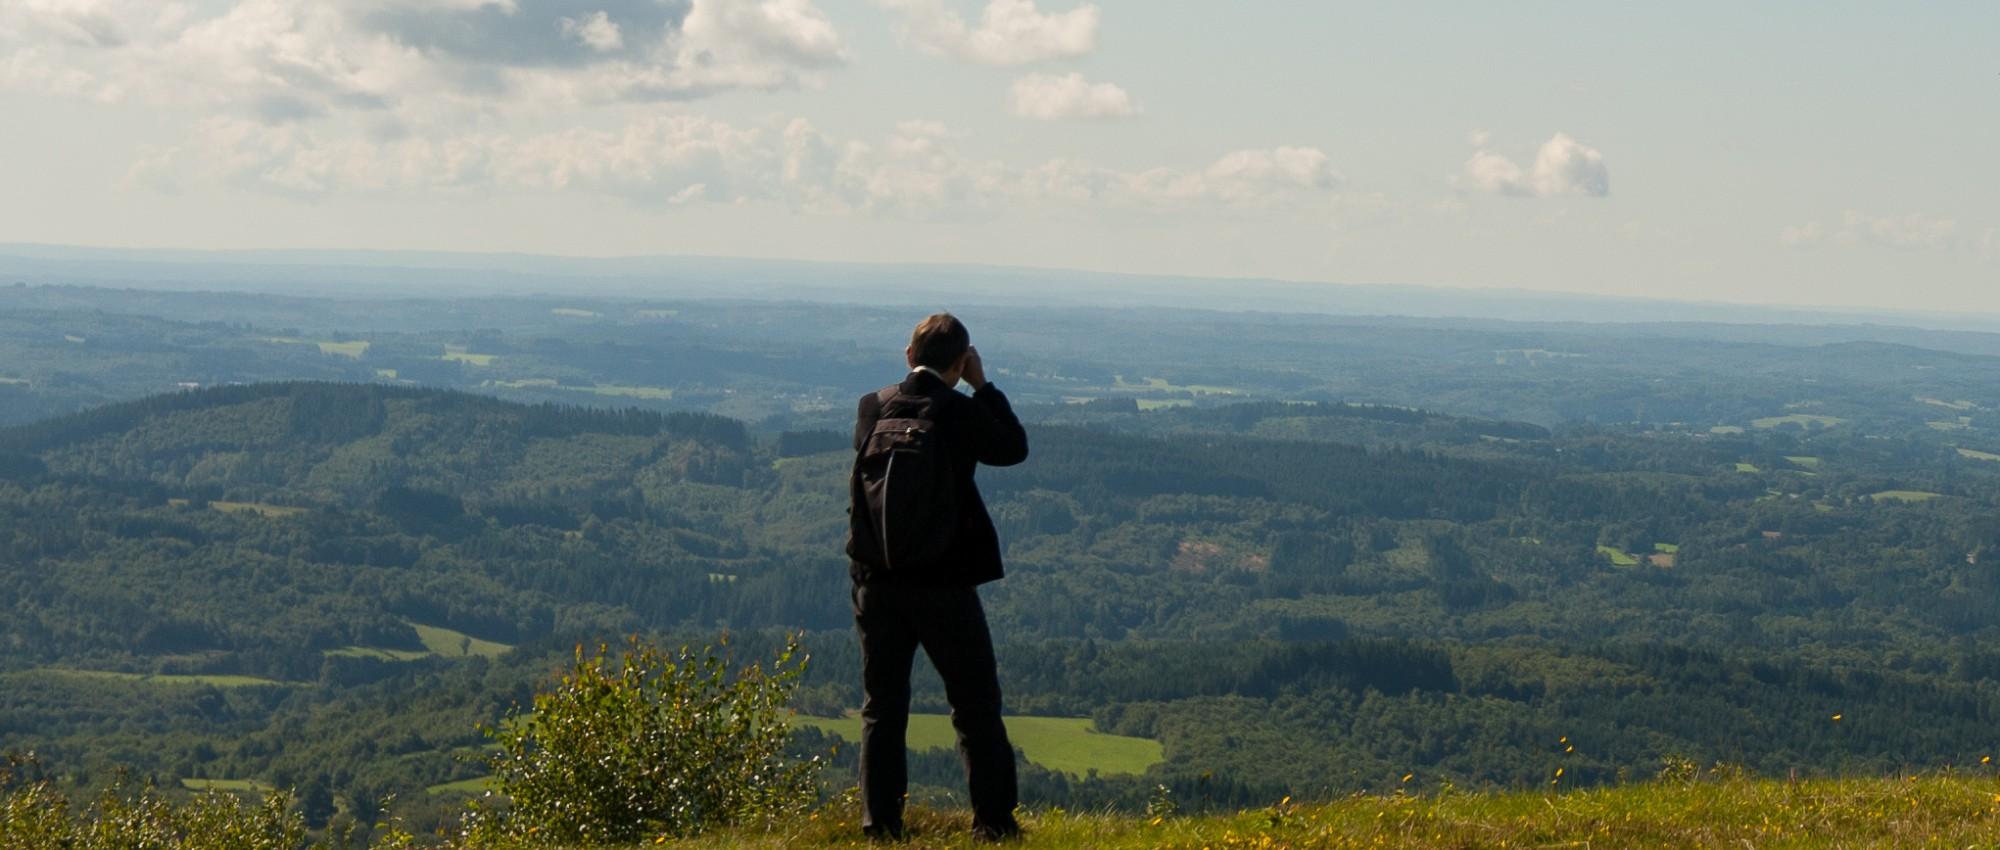 prachtige uitzichten zijn er overal!